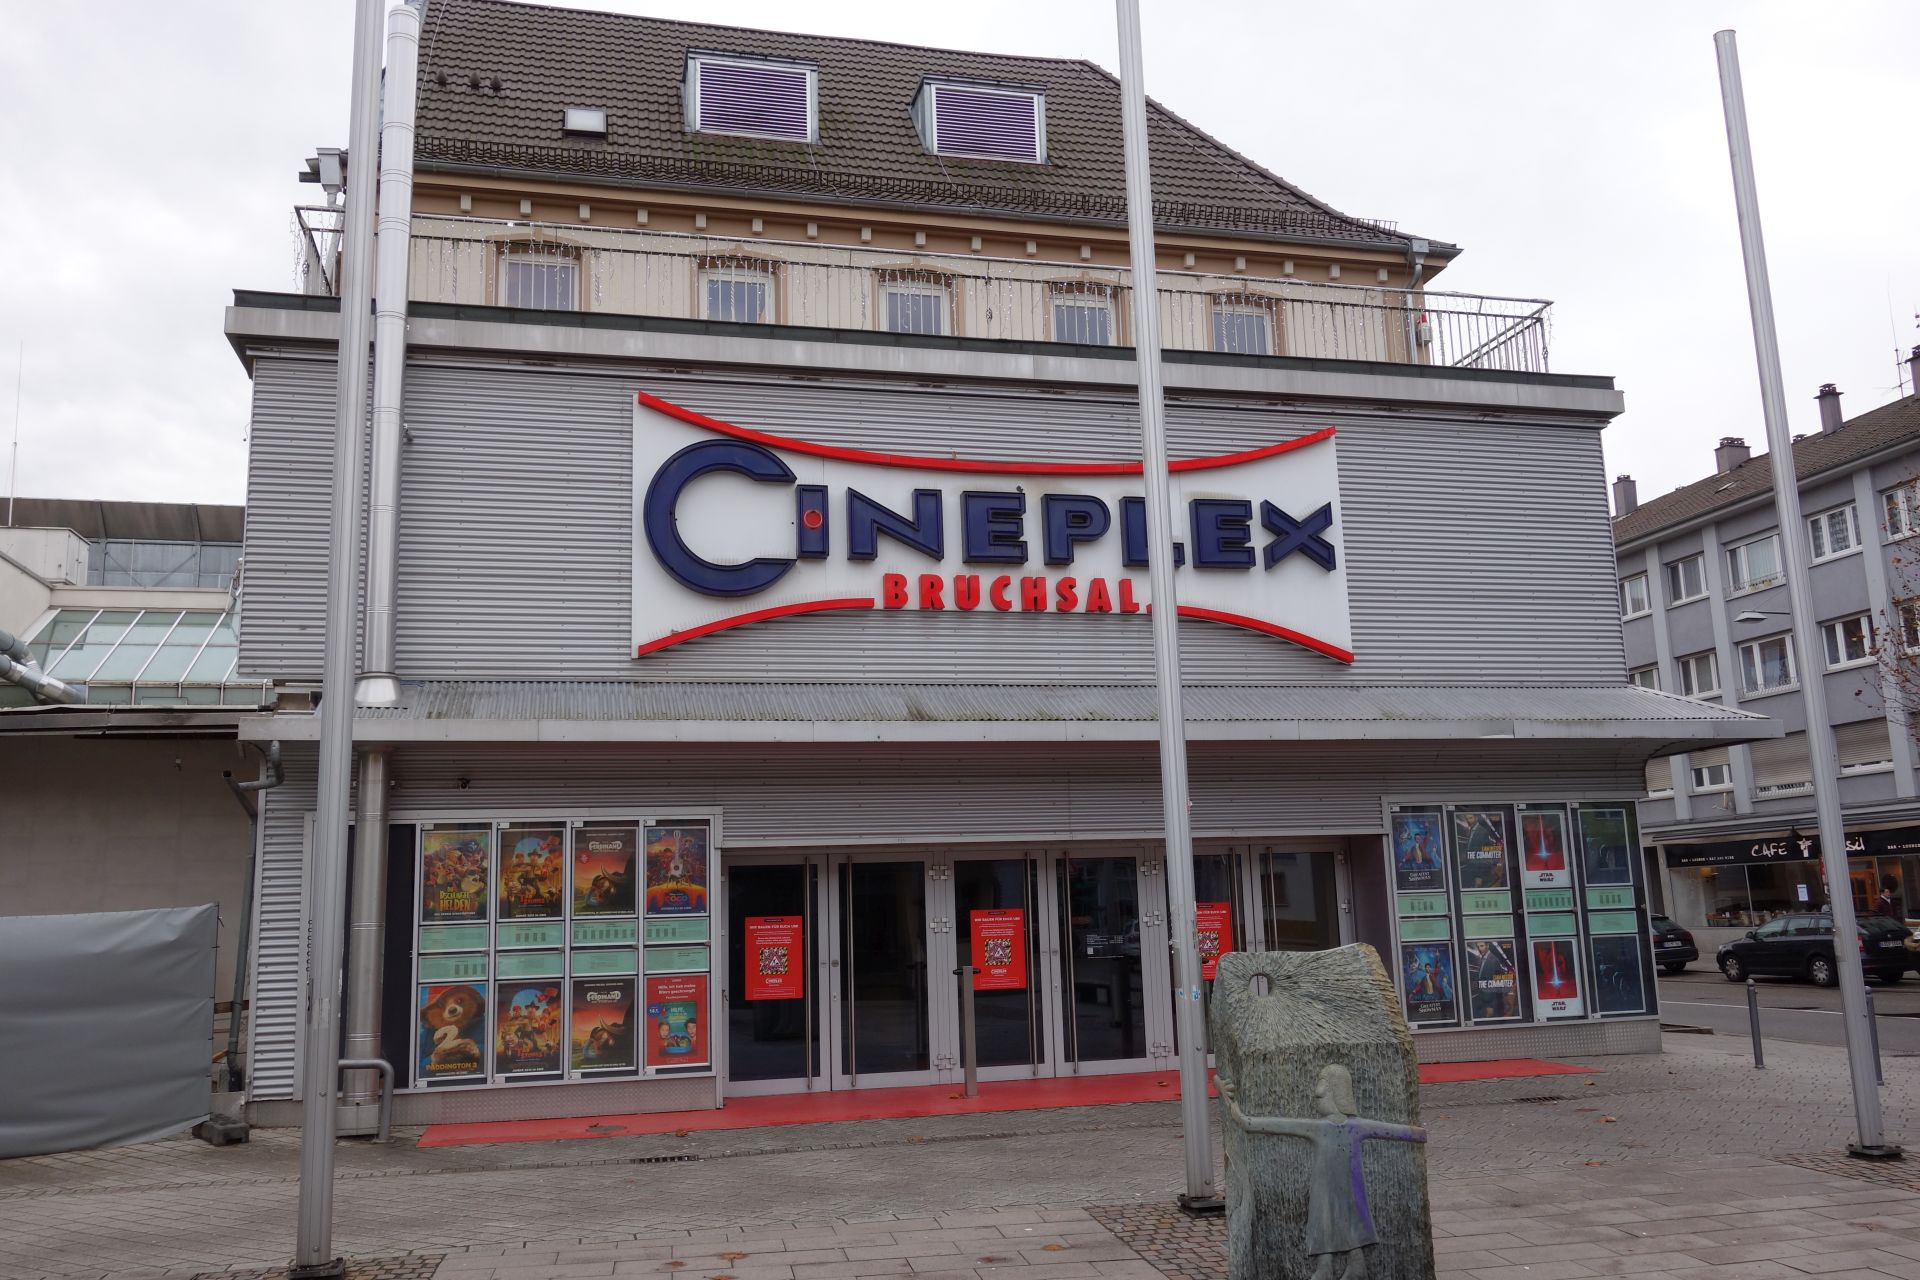 Kino Bruchsal Cineplex